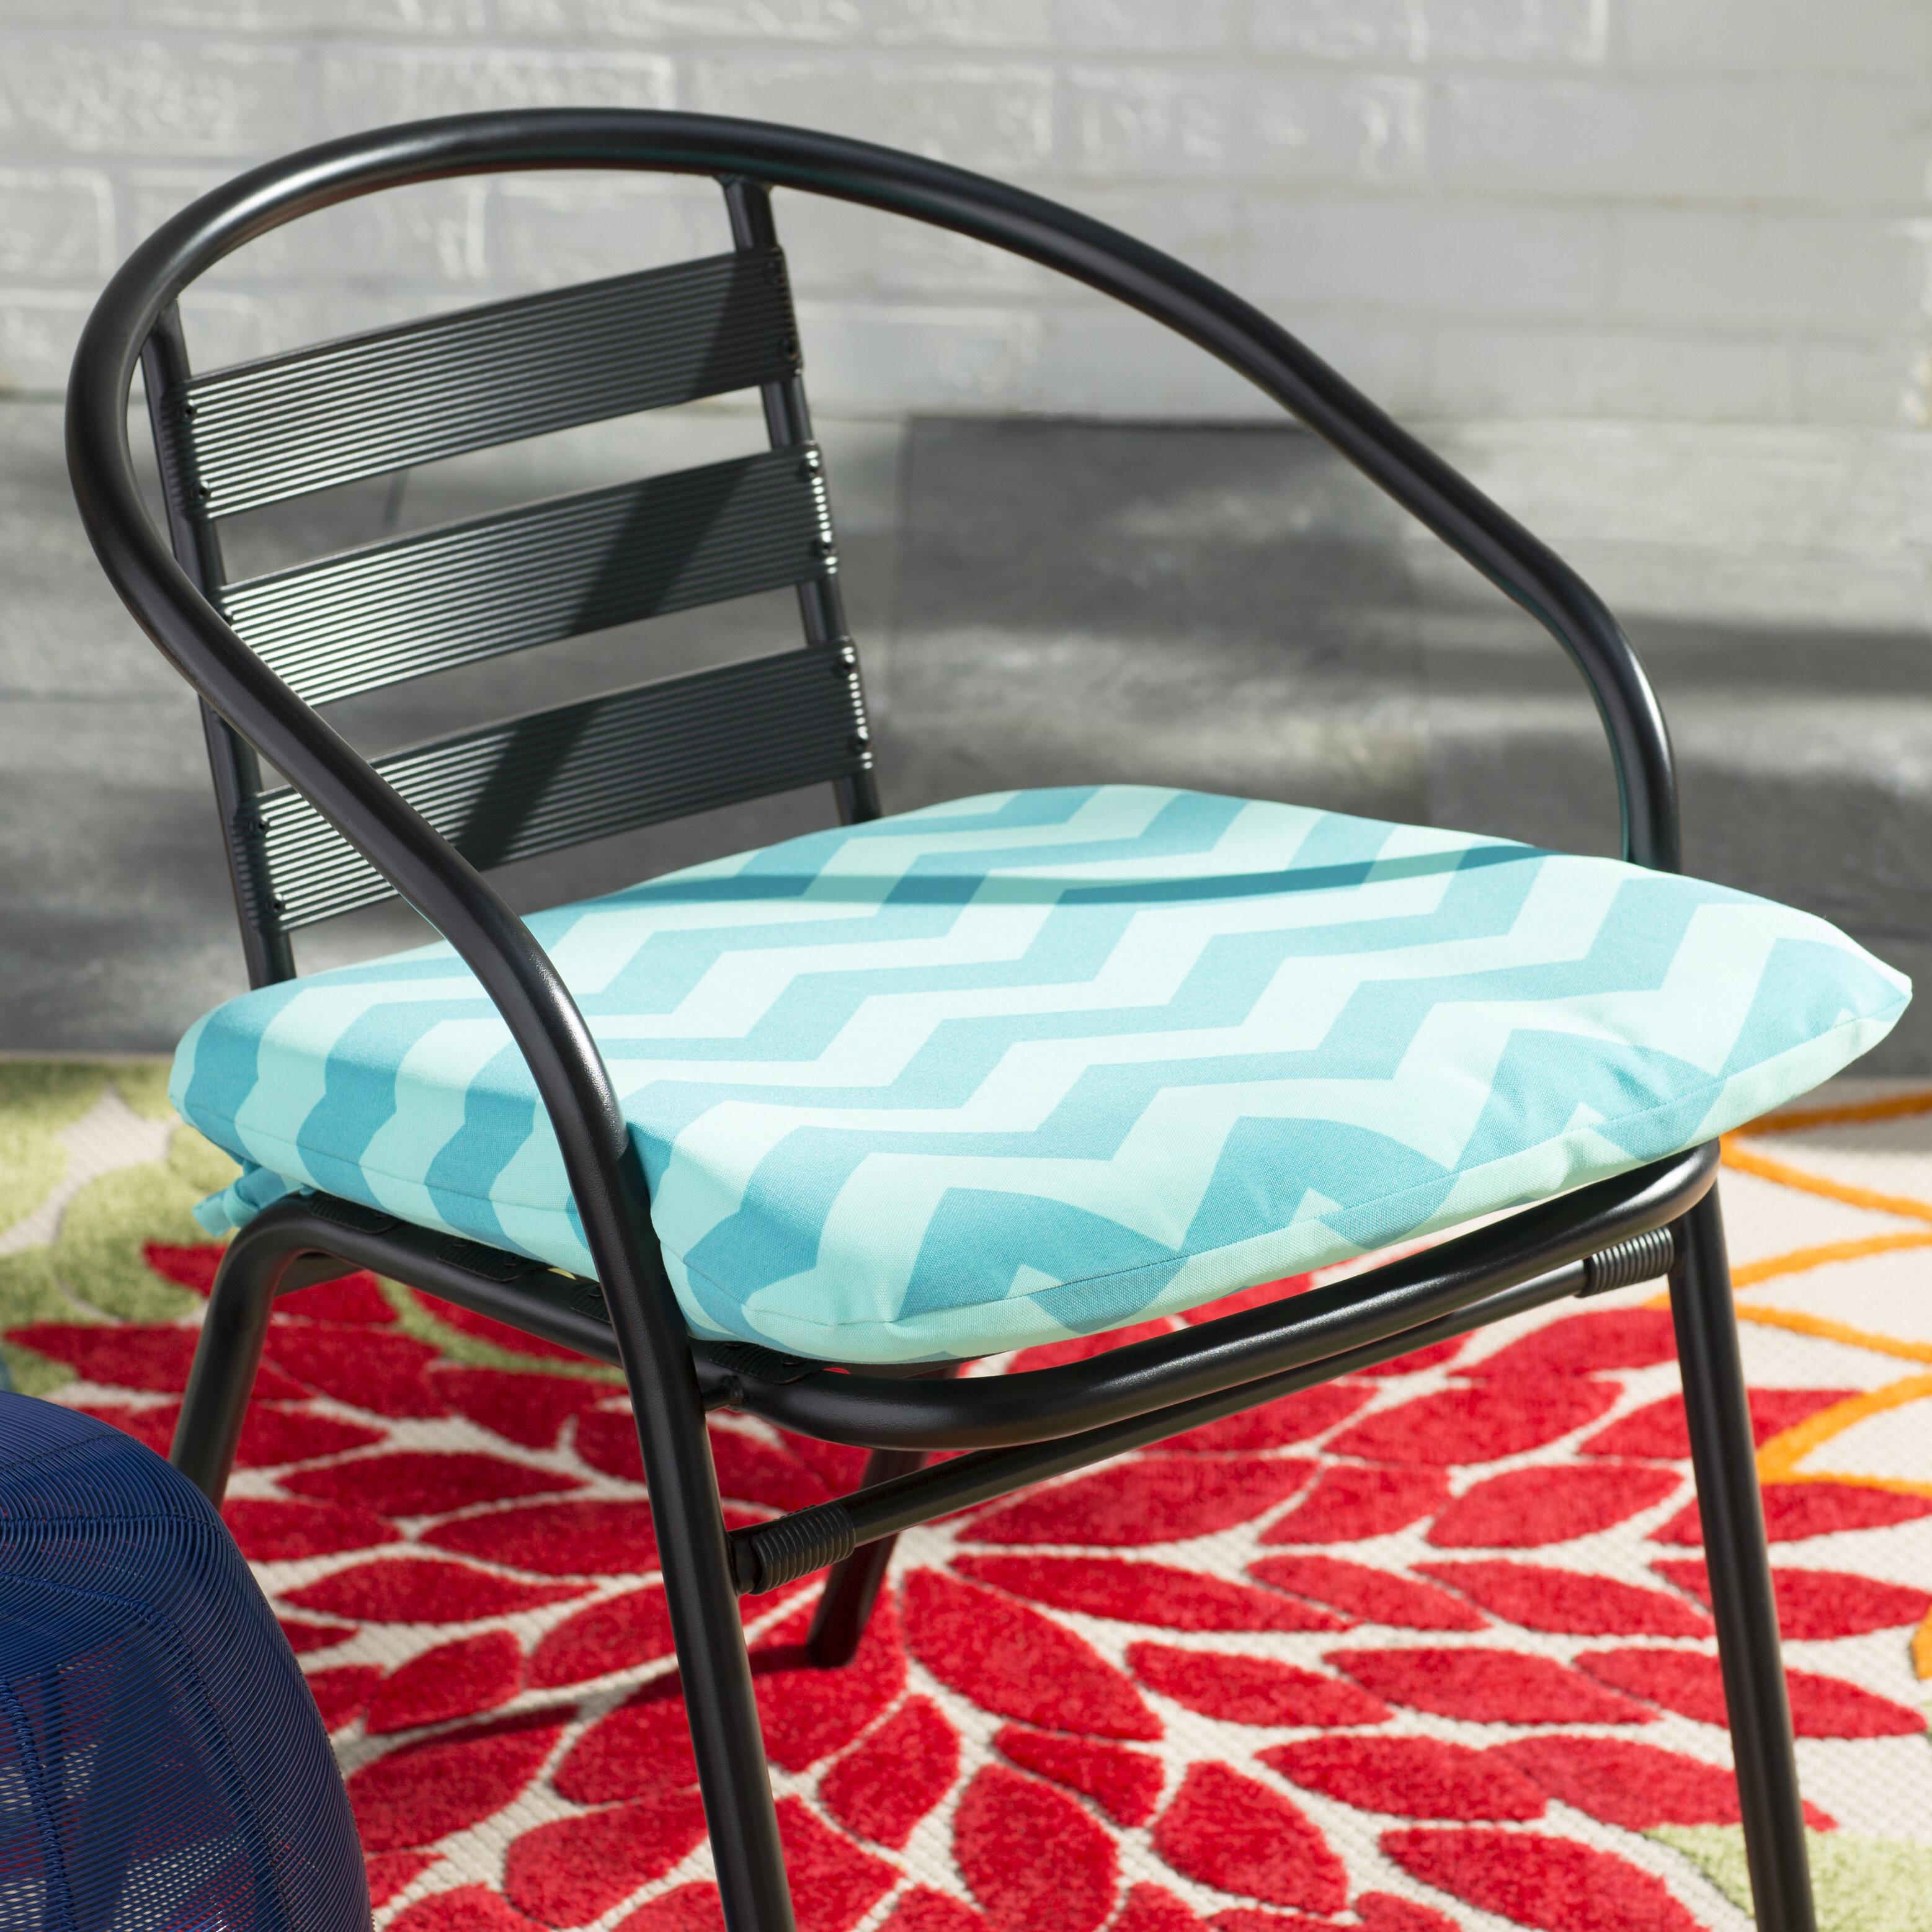 Ebern Designs Chevron Seat Pad Outdoor Chair Cushion U0026 Reviews | Wayfair